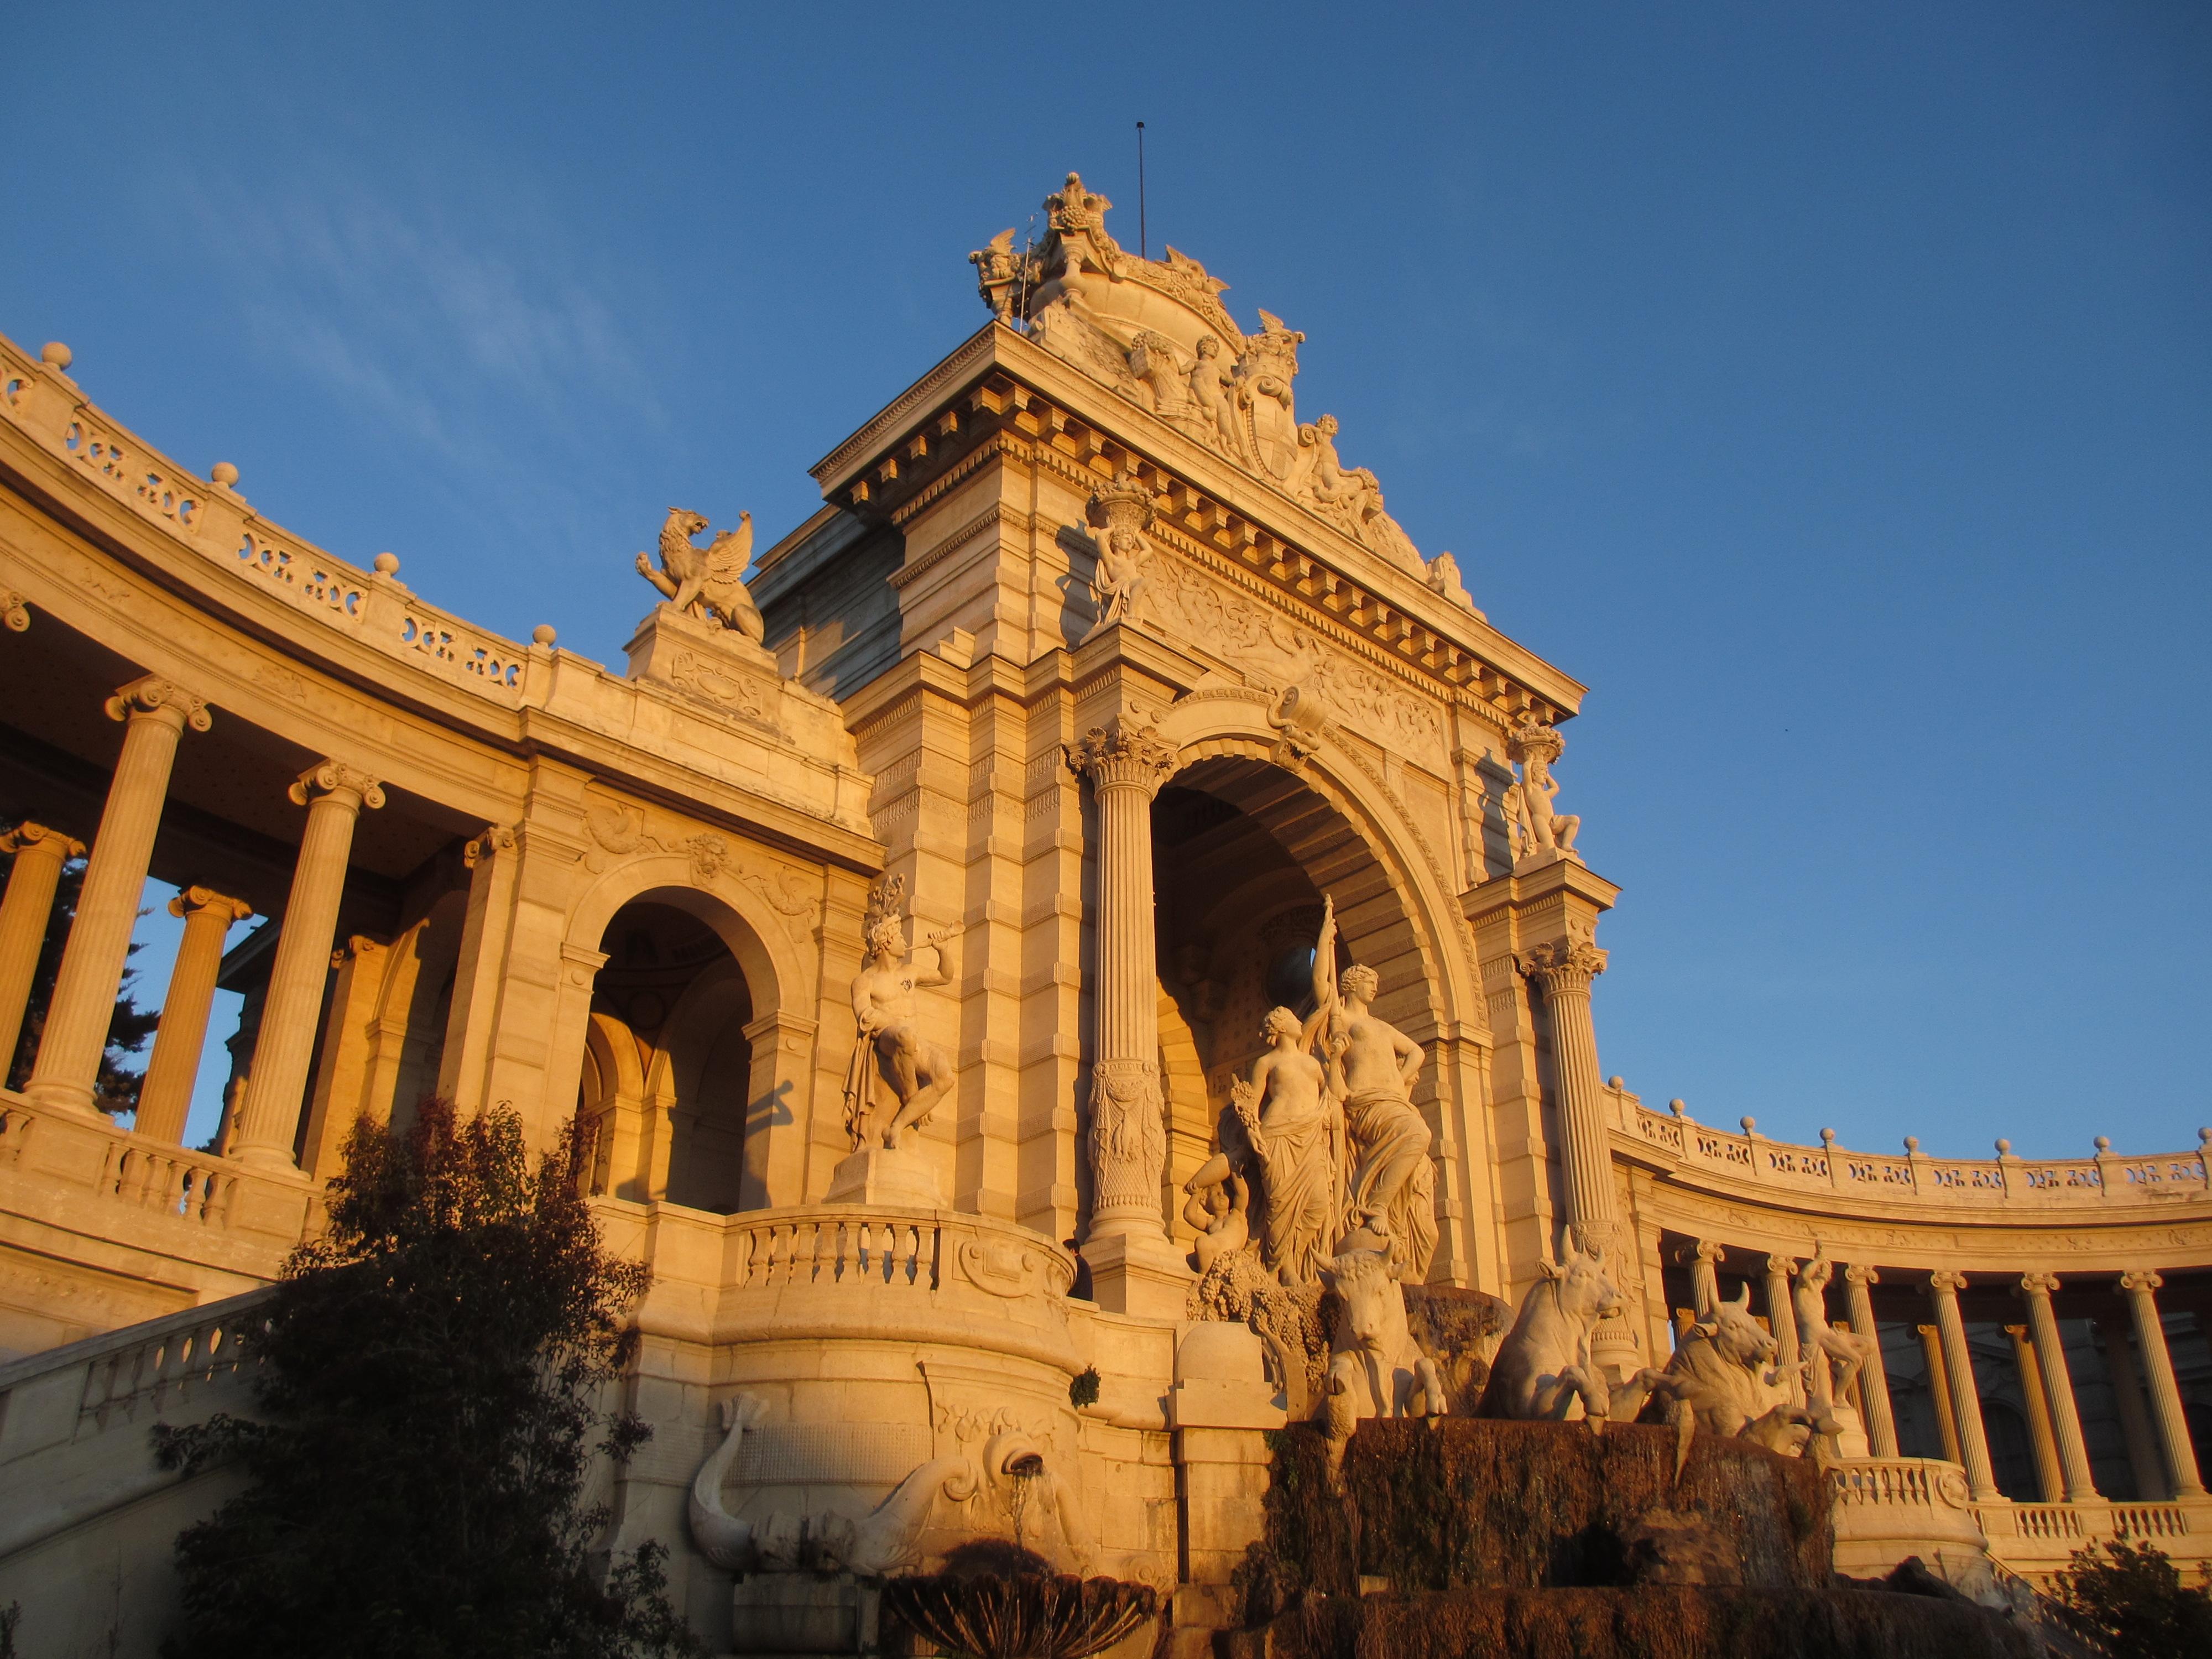 1-le-palais-longchamp-028-1